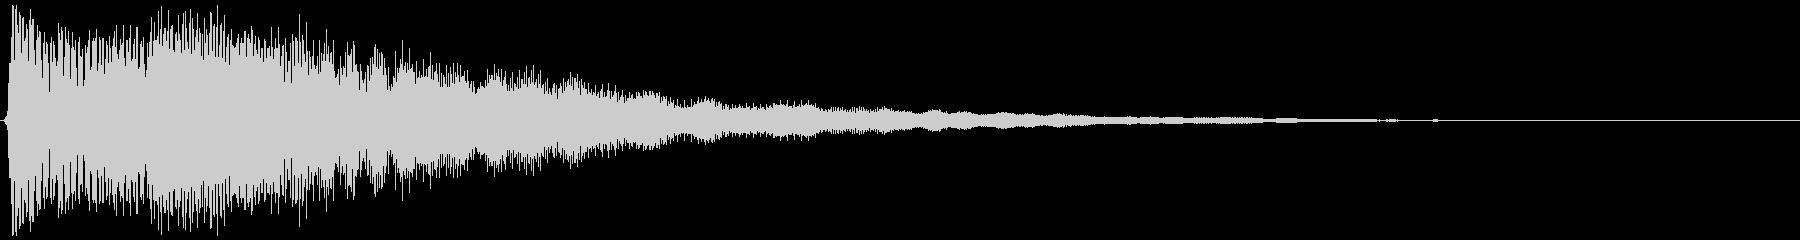 テロップ音など(浮かび上がるイメージ)の未再生の波形